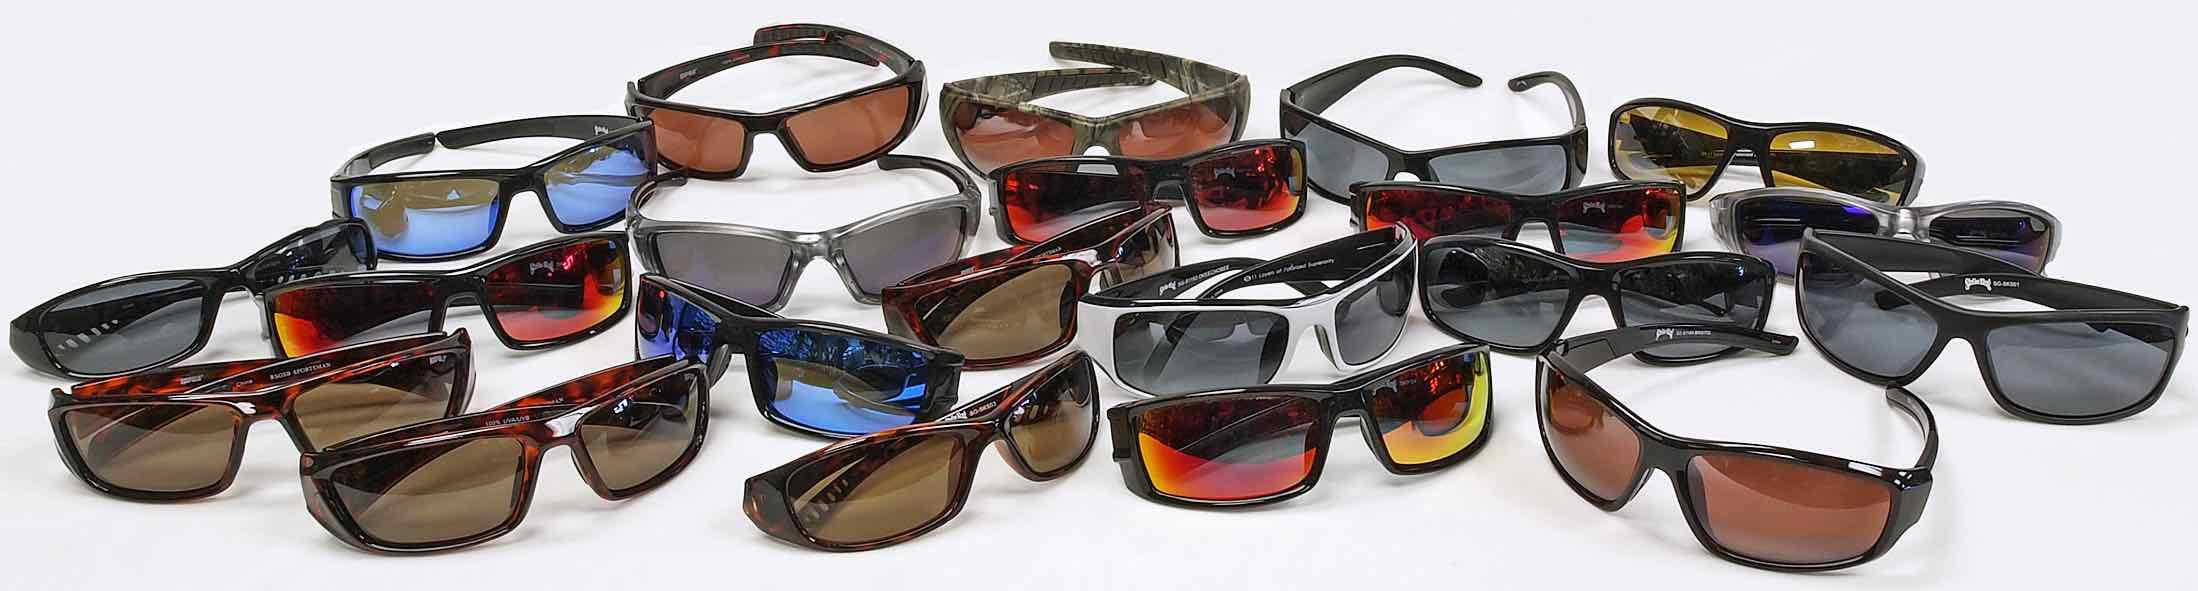 dc3fa5890a3 Polarized-Sunglasses-selection